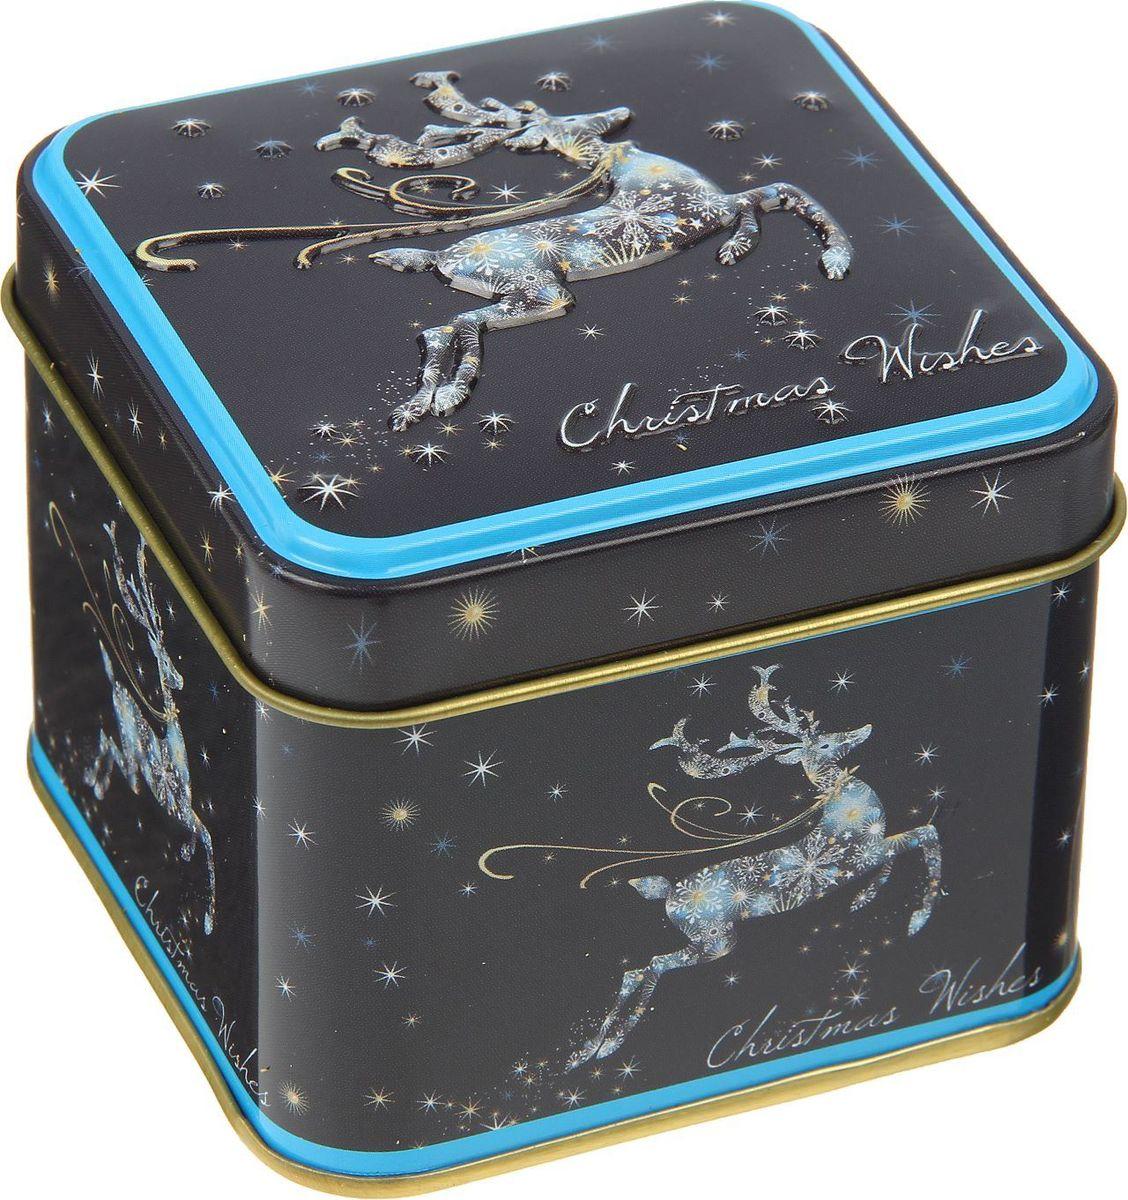 Шкатулка Sima-land Олень на ночном небе, цвет: черный, 6,5 х 7,5 х 7,5 см2266302Шкатулка — это небольшой сувенир, а также оригинальная упаковка подарка. Она дополнит интерьер спальни, гостиной или прихожей. Изделие предназначено для хранения украшений: колец, браслетов, часов, цепочек, колье, сережек и прочих предметов.